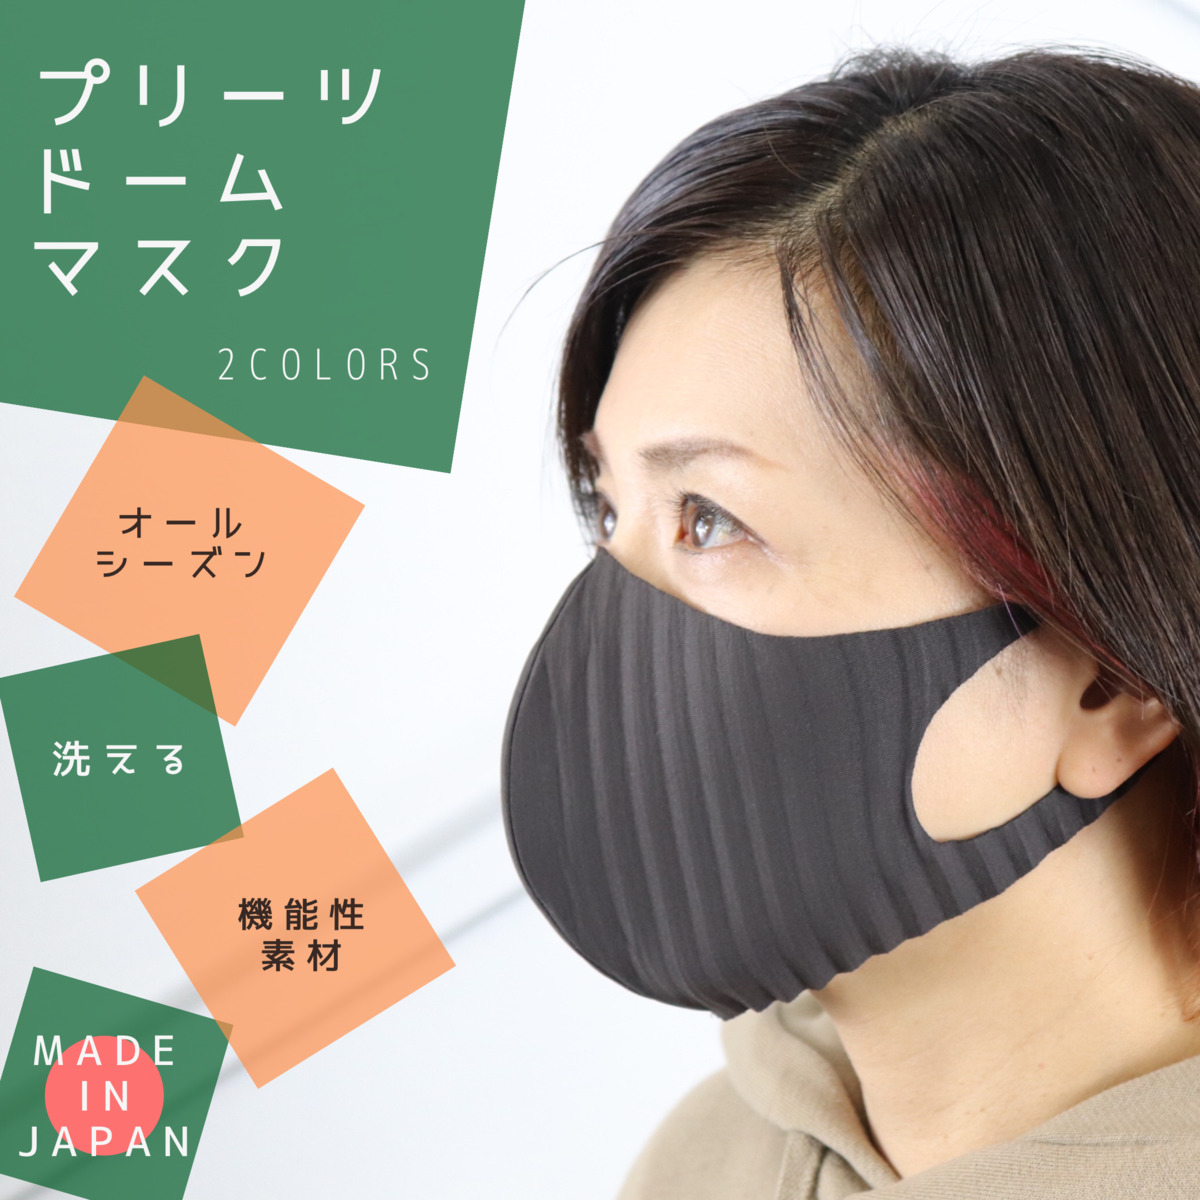 プリーツドームマスク マスク ドームマスク 最新 息らくドームマスク 日本製 ワイヤー入り 息がしやすい 春夏 接触冷感 布マスク 超快適 信託 個包装 大人気商品 男女兼用 ドライタッチ 繰り返し使用 立体 UVカット 洗える